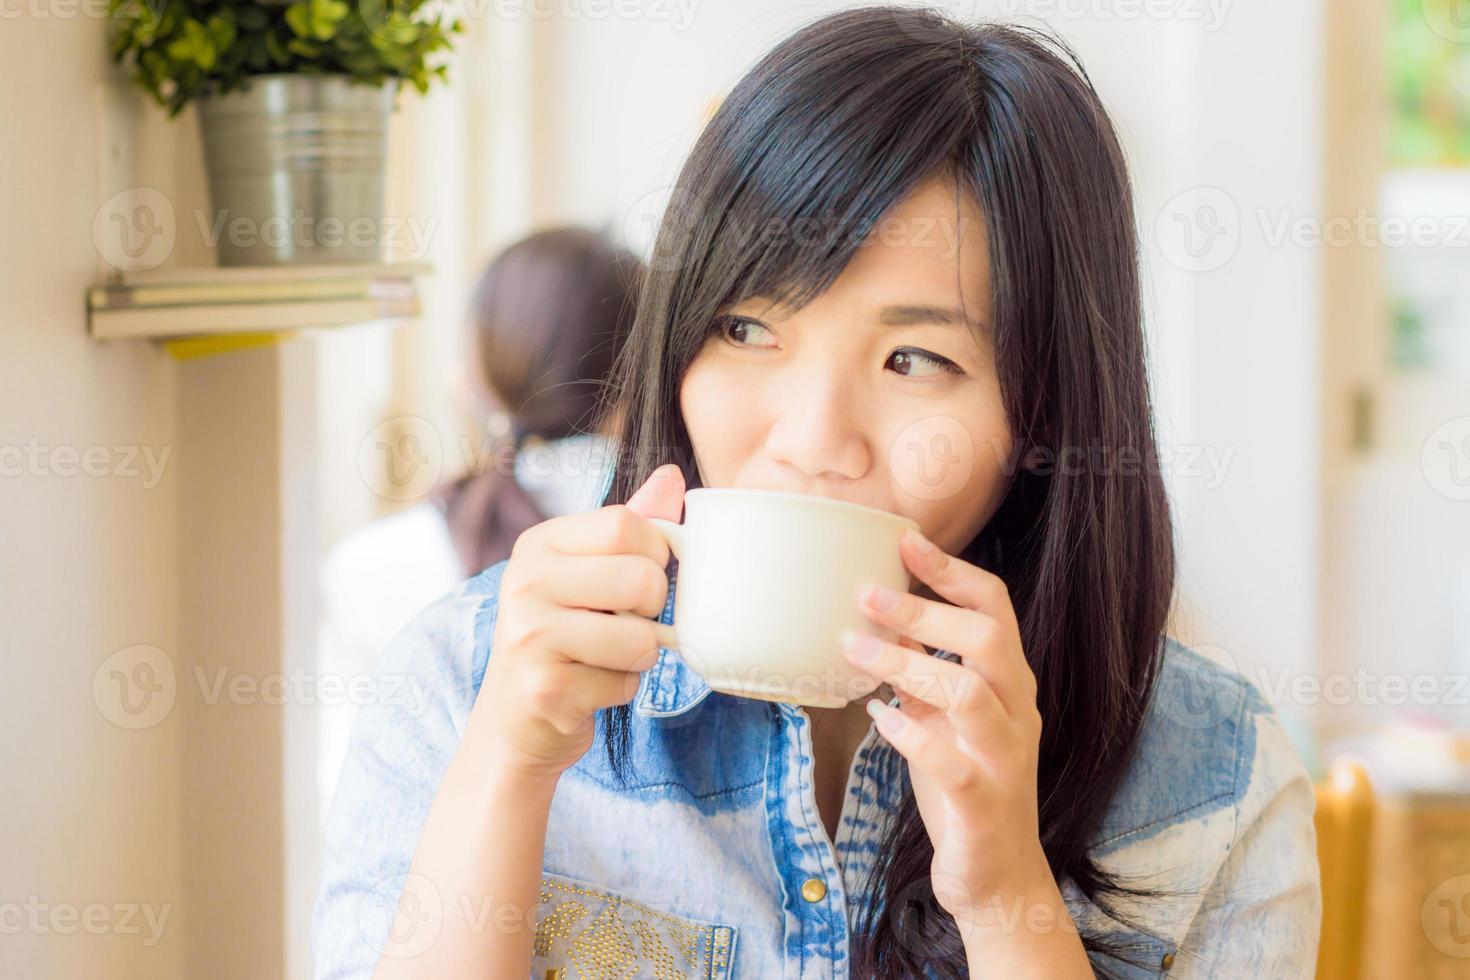 donna con una tazza di caffè sorridente nella caffetteria foto